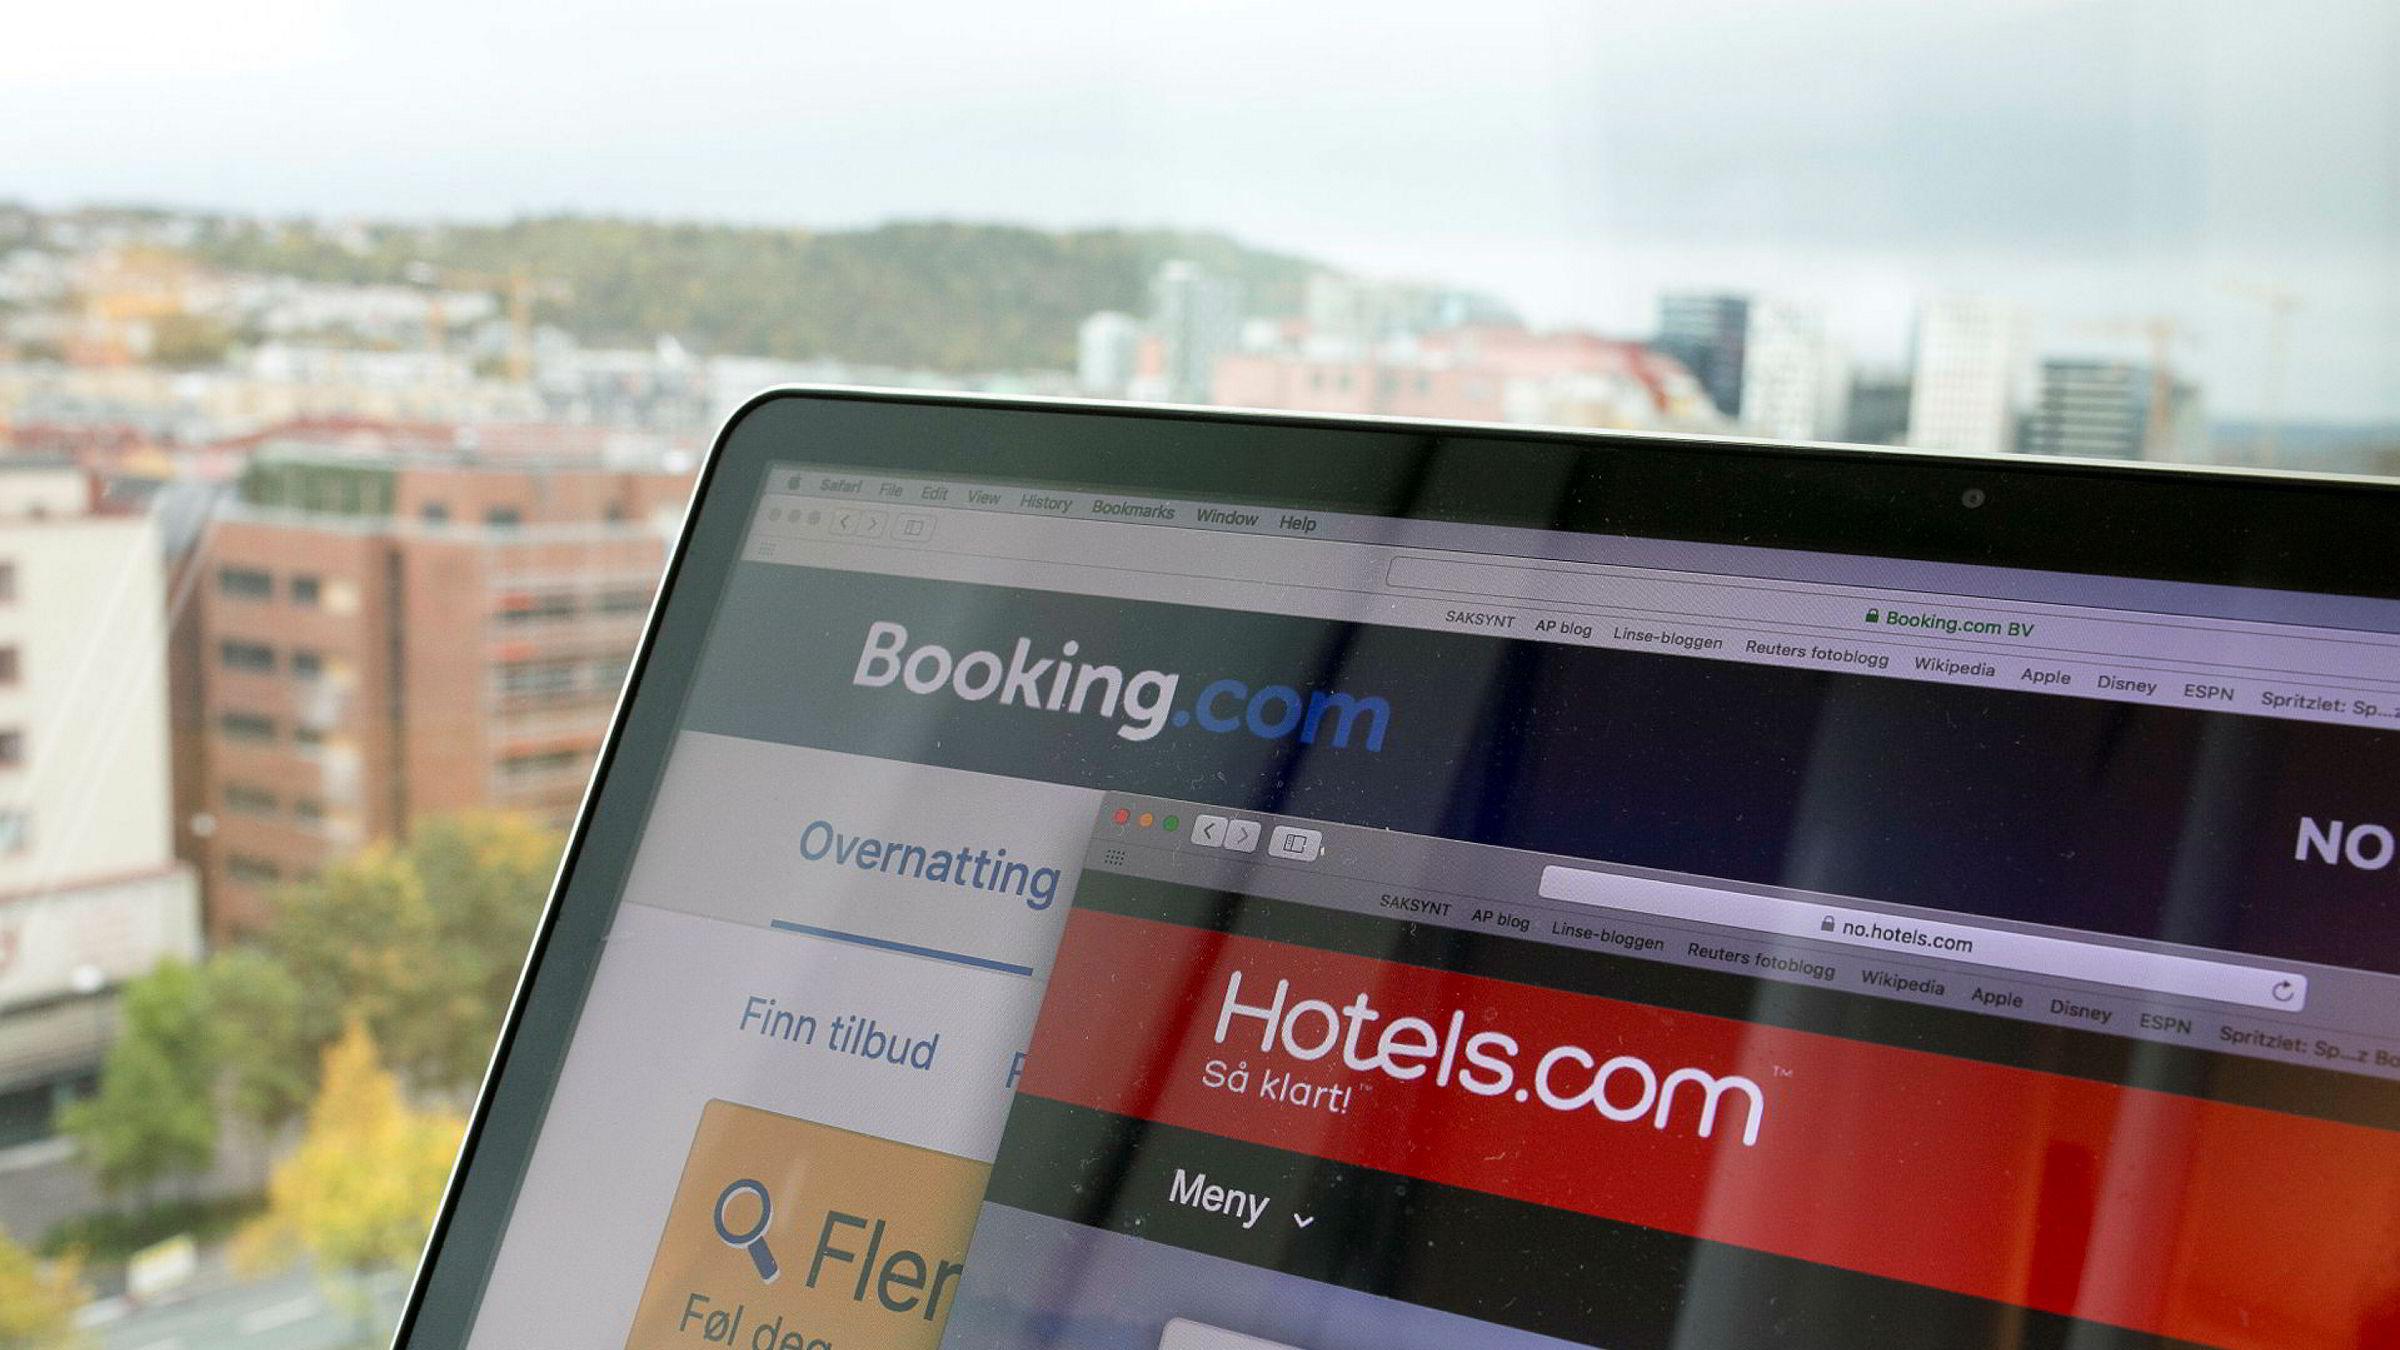 Skal hotellet komme inn på de store hotellportalene, kreves det som regel betaling. Man betaler for annonsering, og topplassering på resultatlistene koster enten rene annonsepenger eller provisjon til nettsiden, skriver innleggsforfatteren.